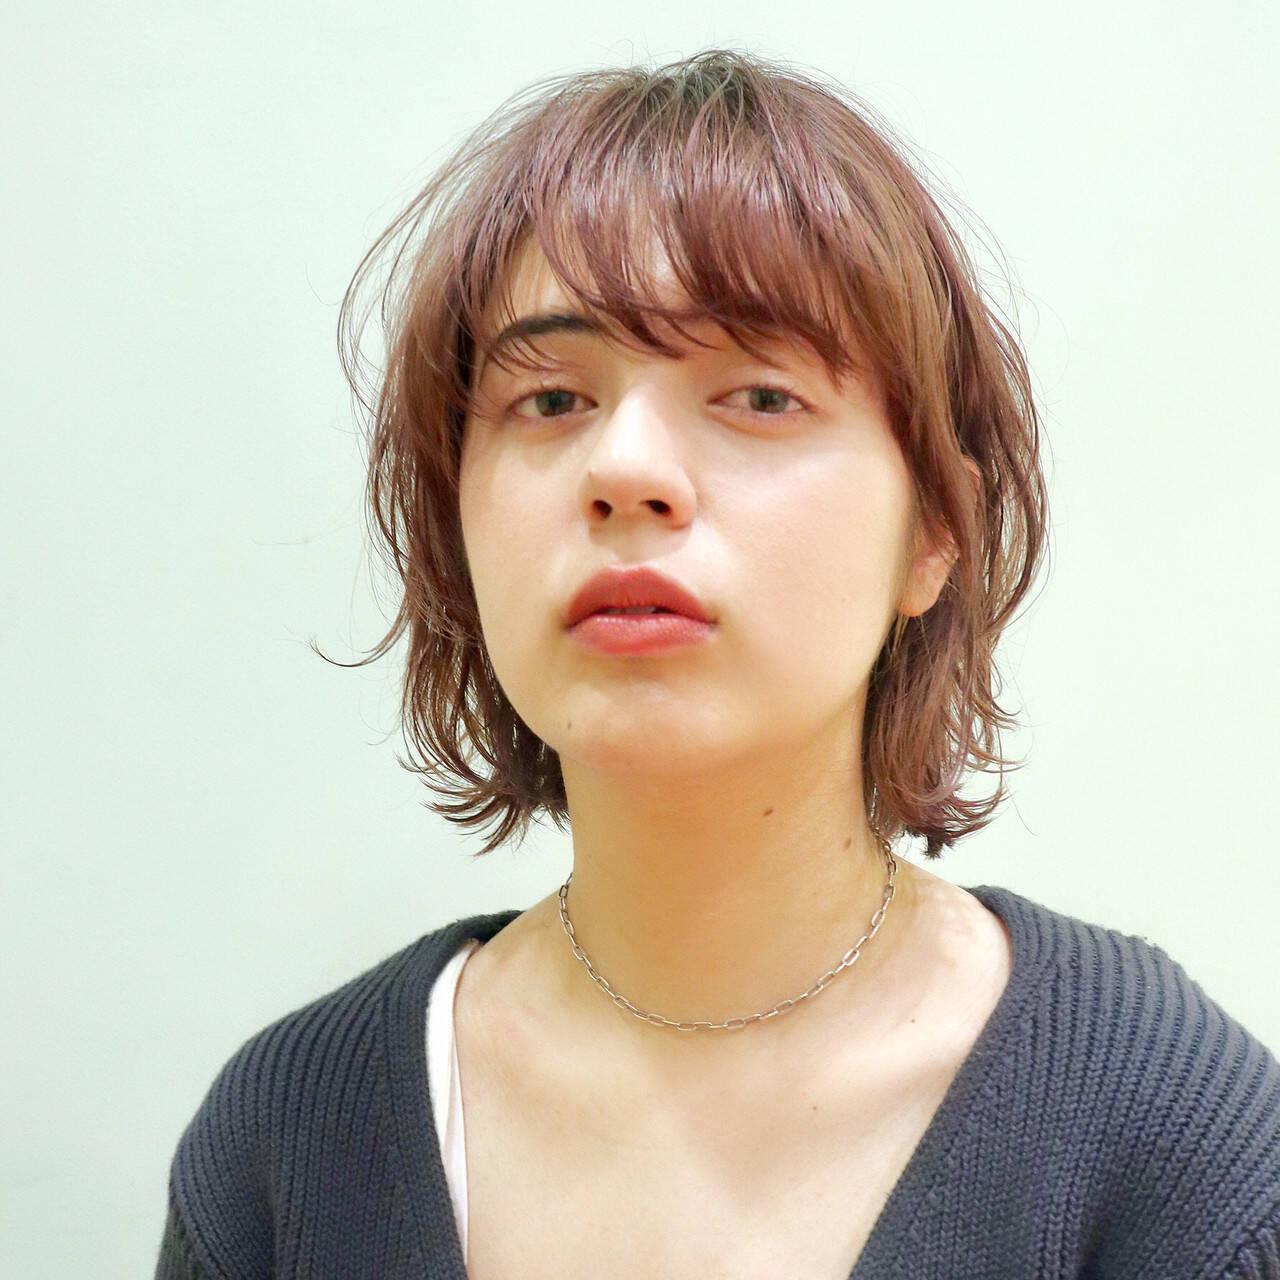 ウルフカット 小顔ヘア モード レイヤーボブヘアスタイルや髪型の写真・画像